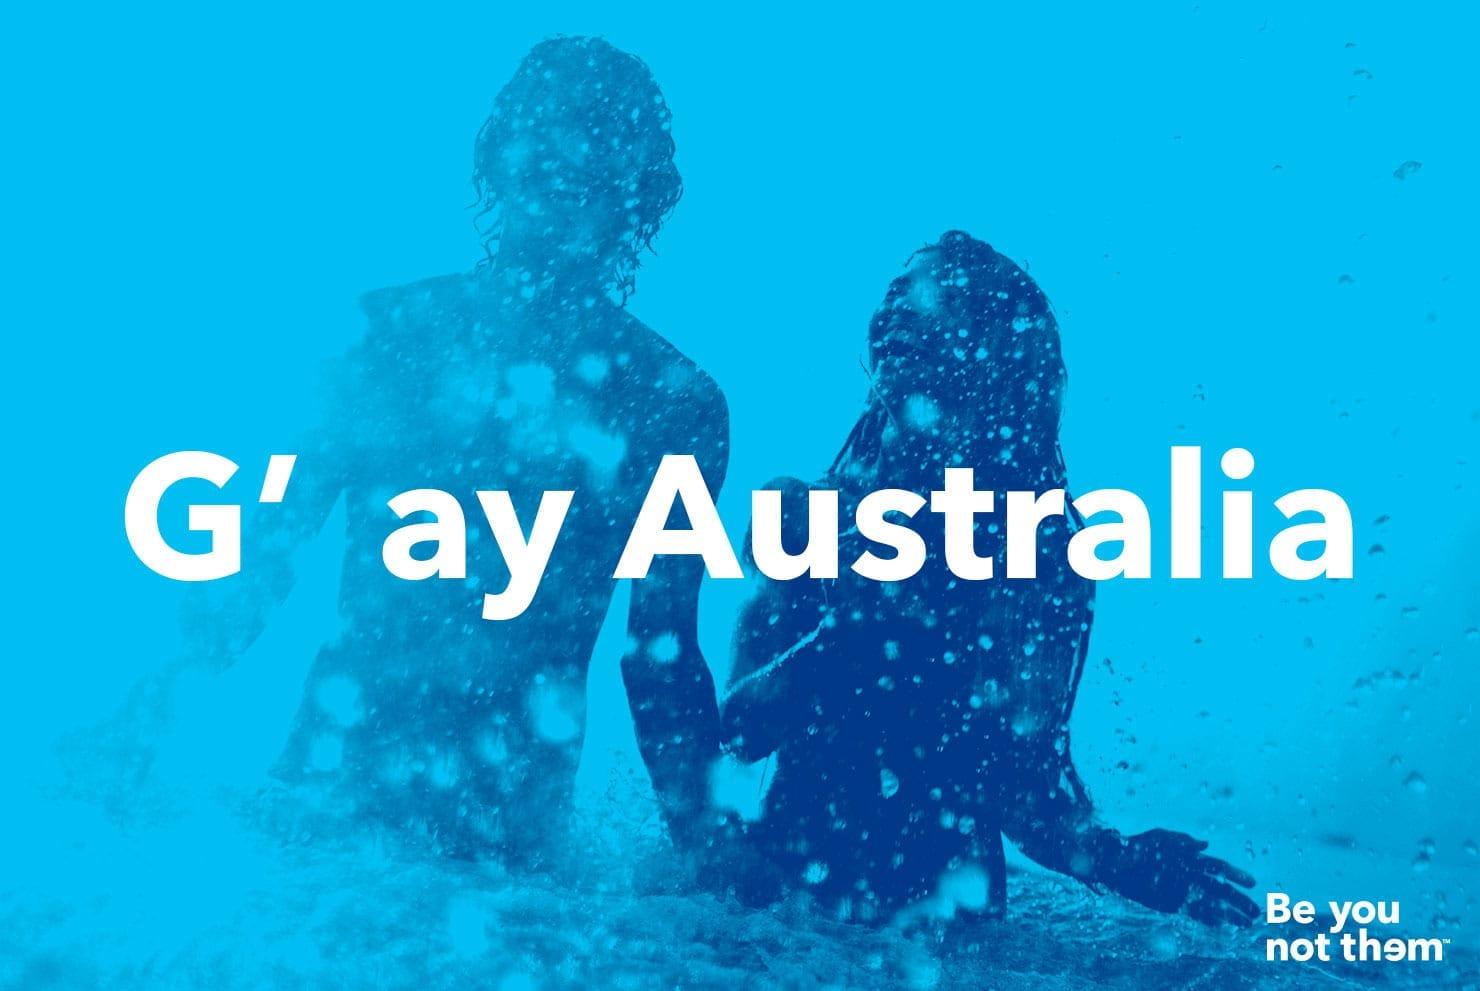 G' ay Australia